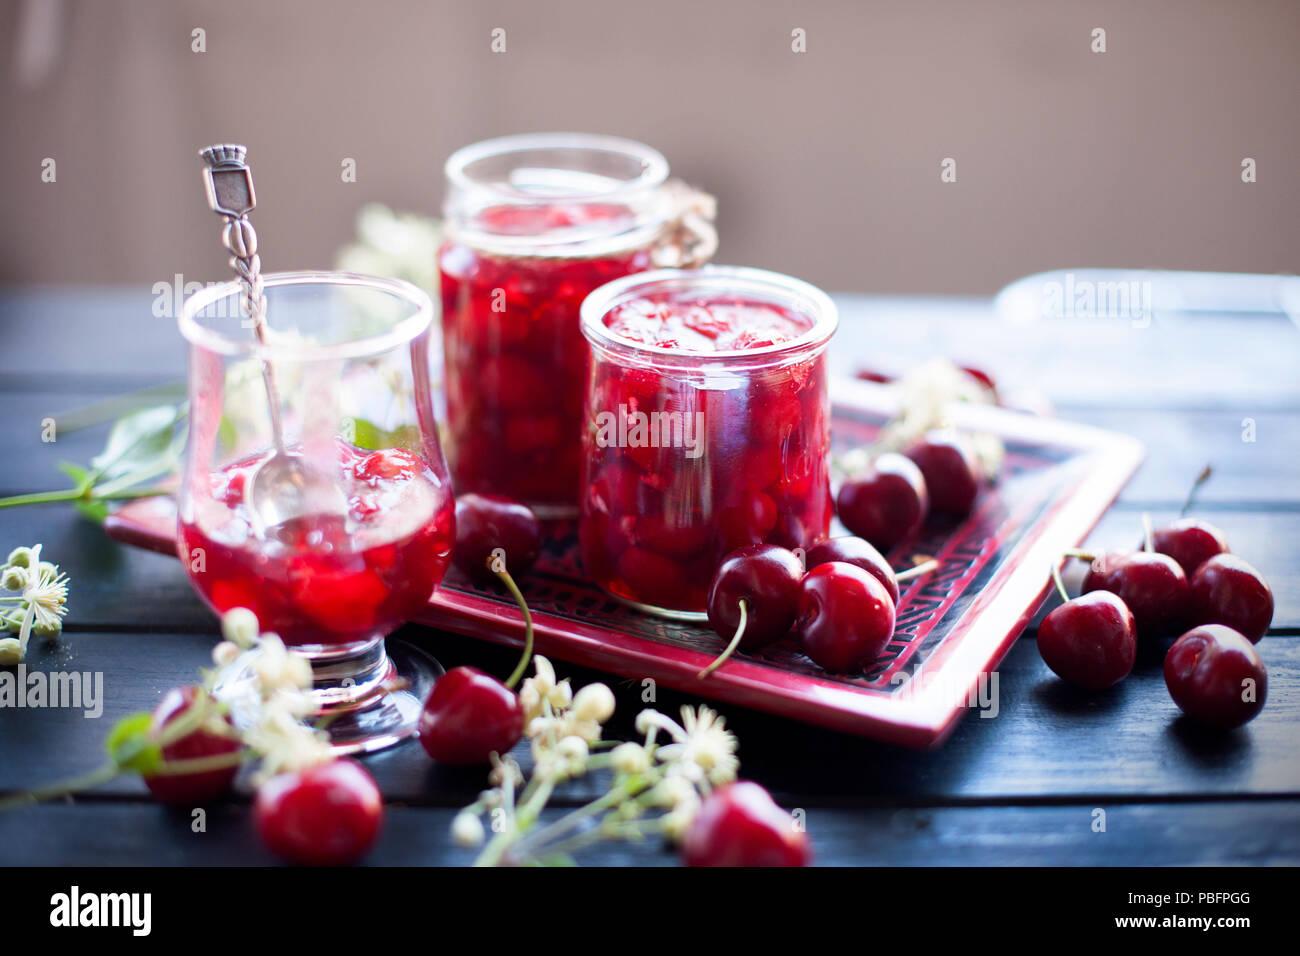 Marmelade aus Kirsche, in Dosen. winter Desserts. Dunkle Foto. Feder weiß blumen Stockbild